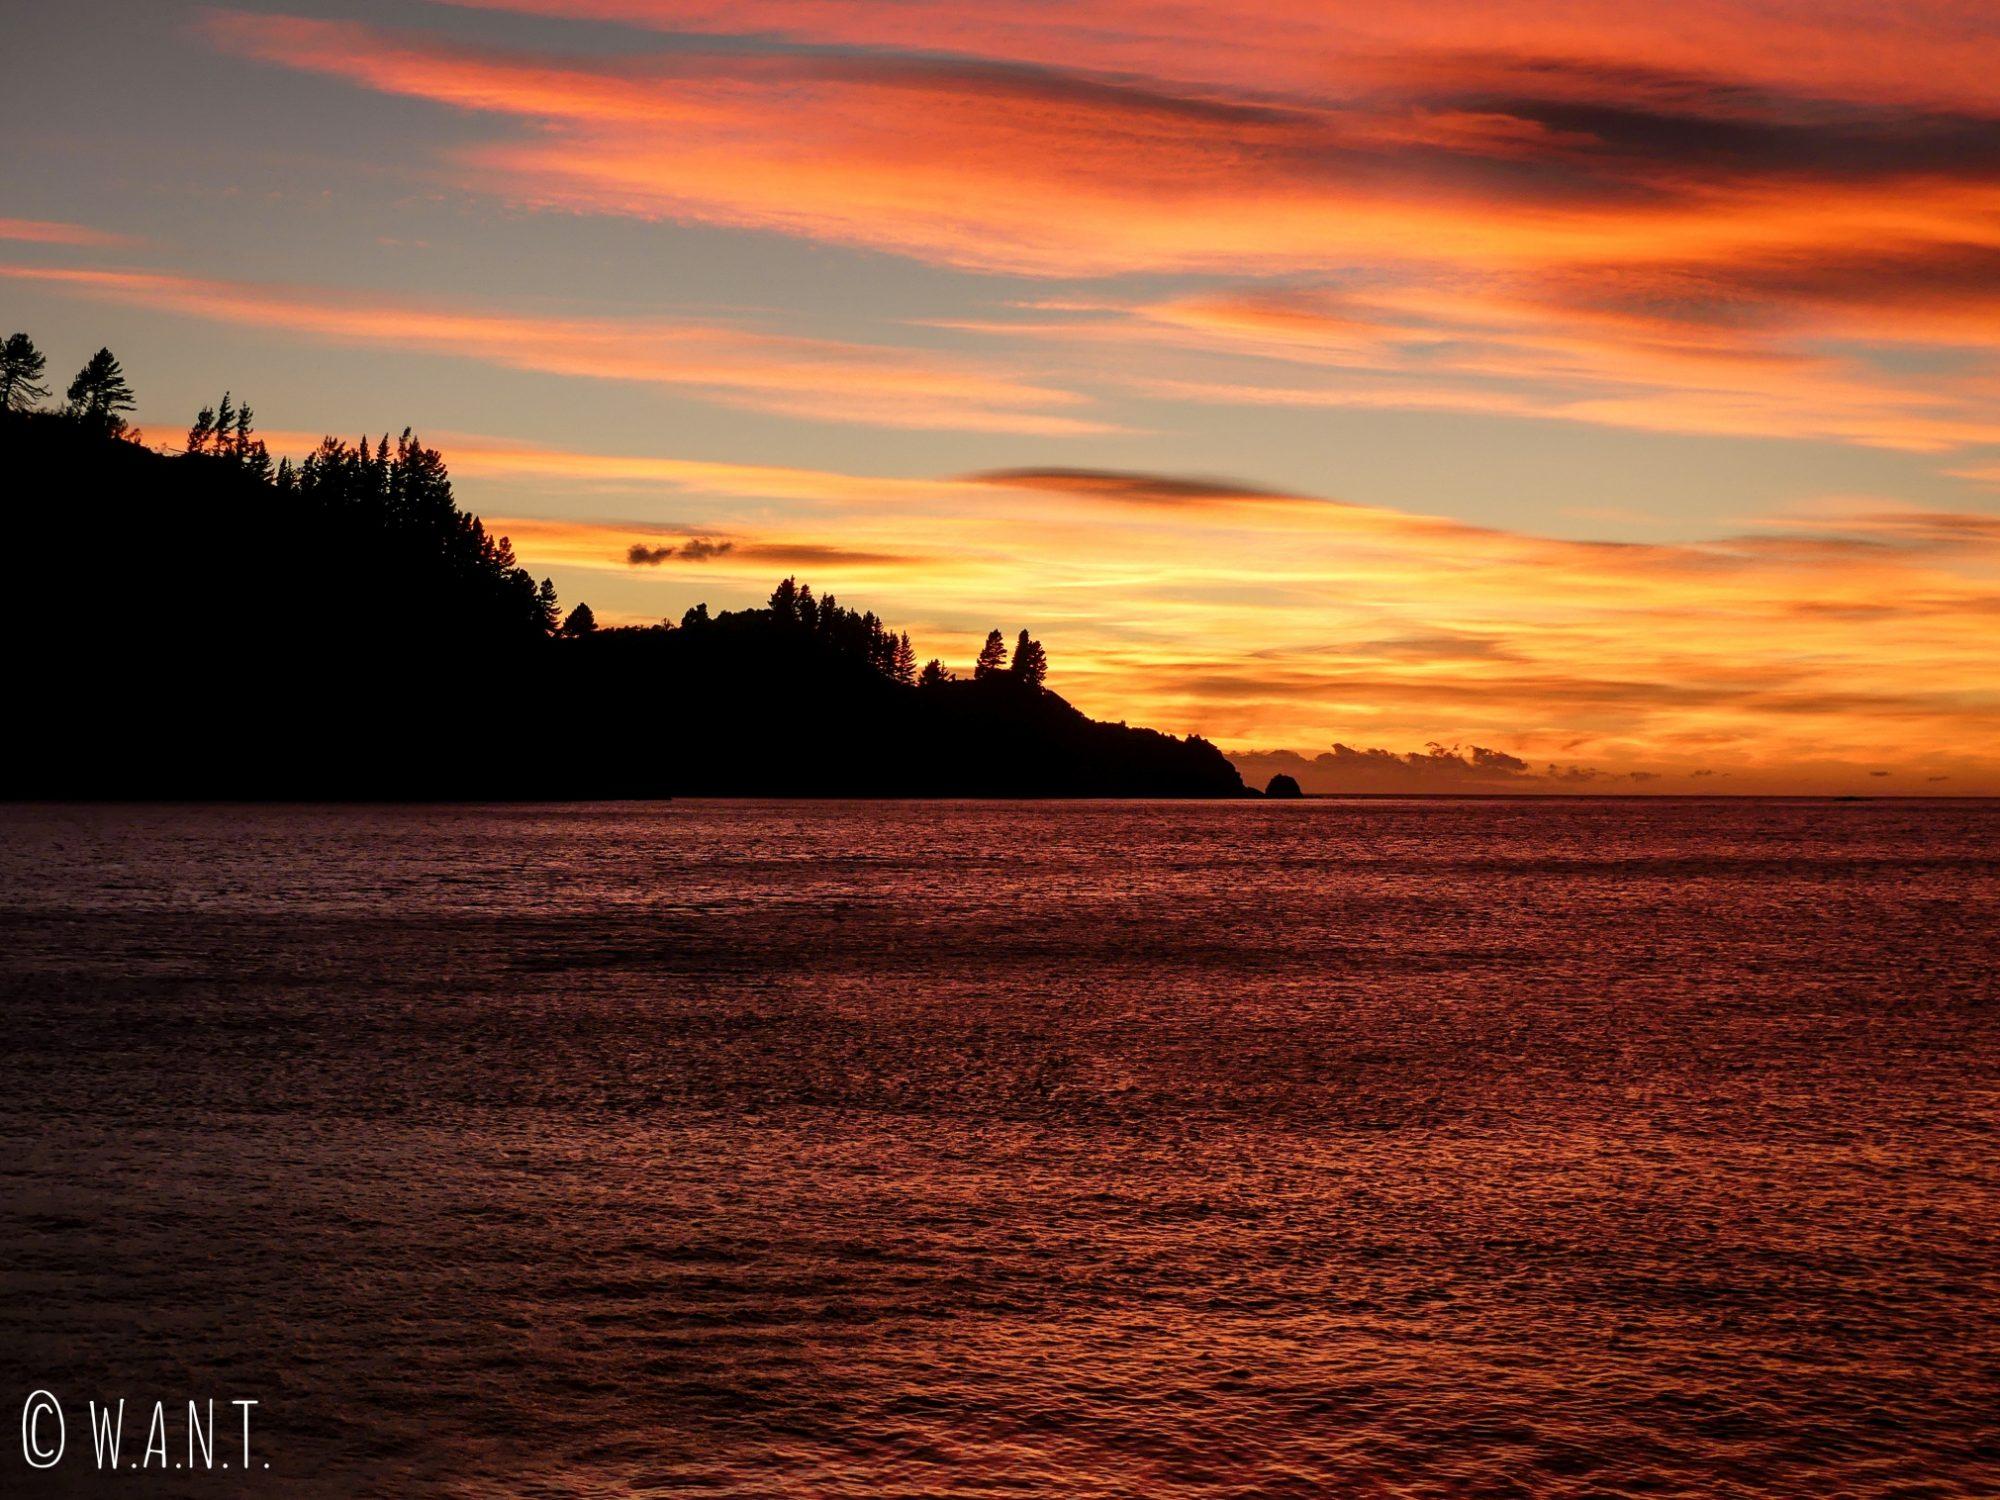 Lever de soleil depuis Robin Hood Bay dans la région de Malborough Sounds en Nouvelle-Zélande